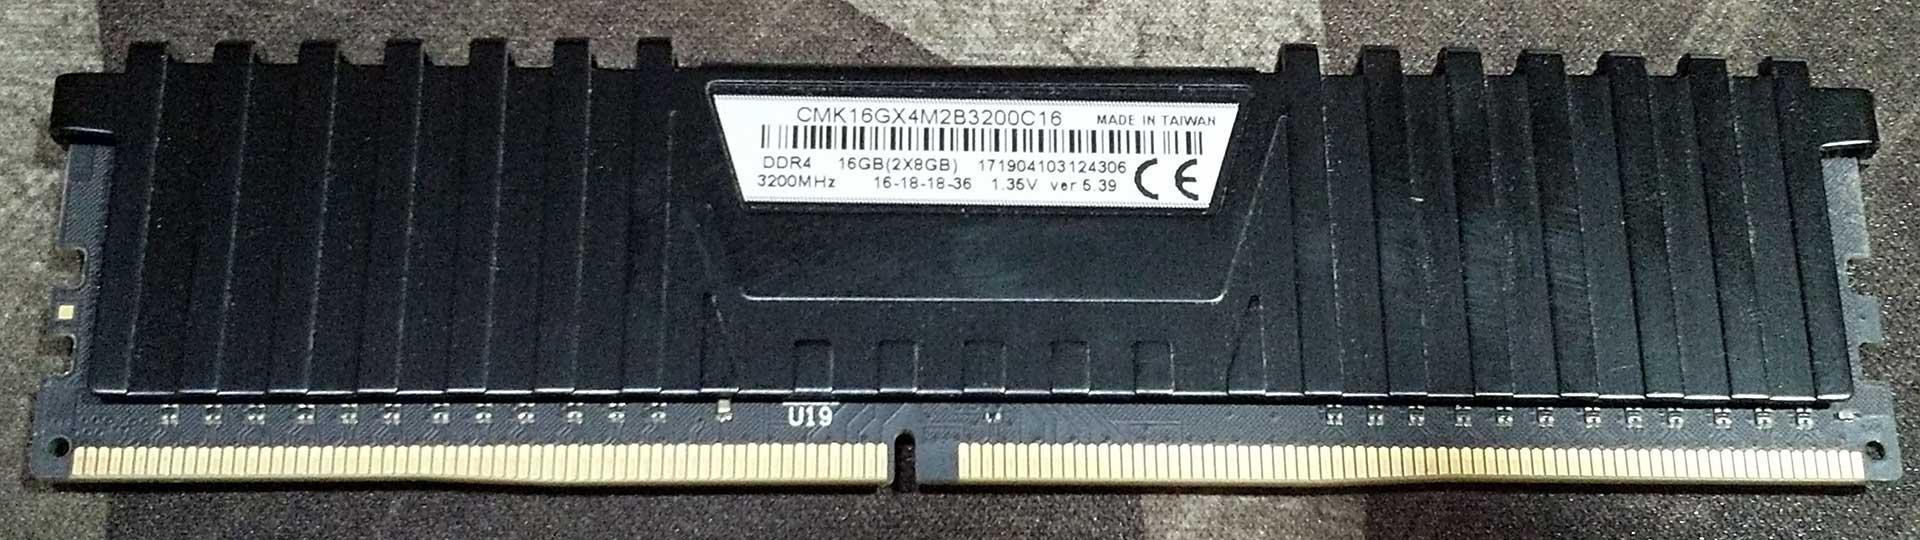 CMK16GX4M2B3200C16.jpg